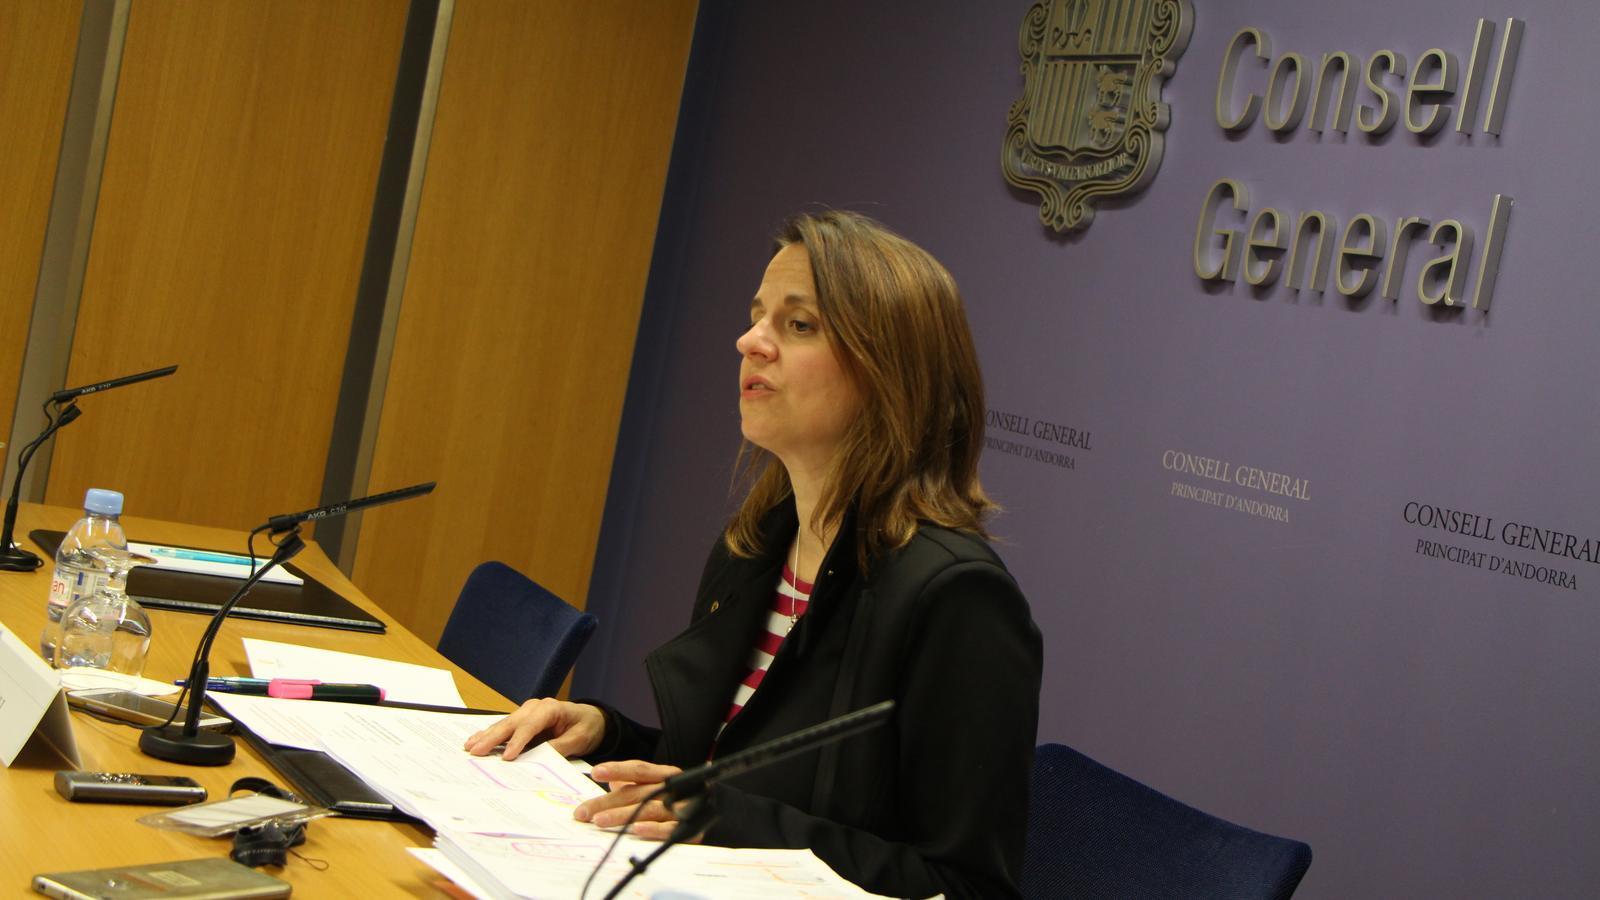 La consellera general del PS, Rosa Gili, durant la roda de premsa. / M. M.